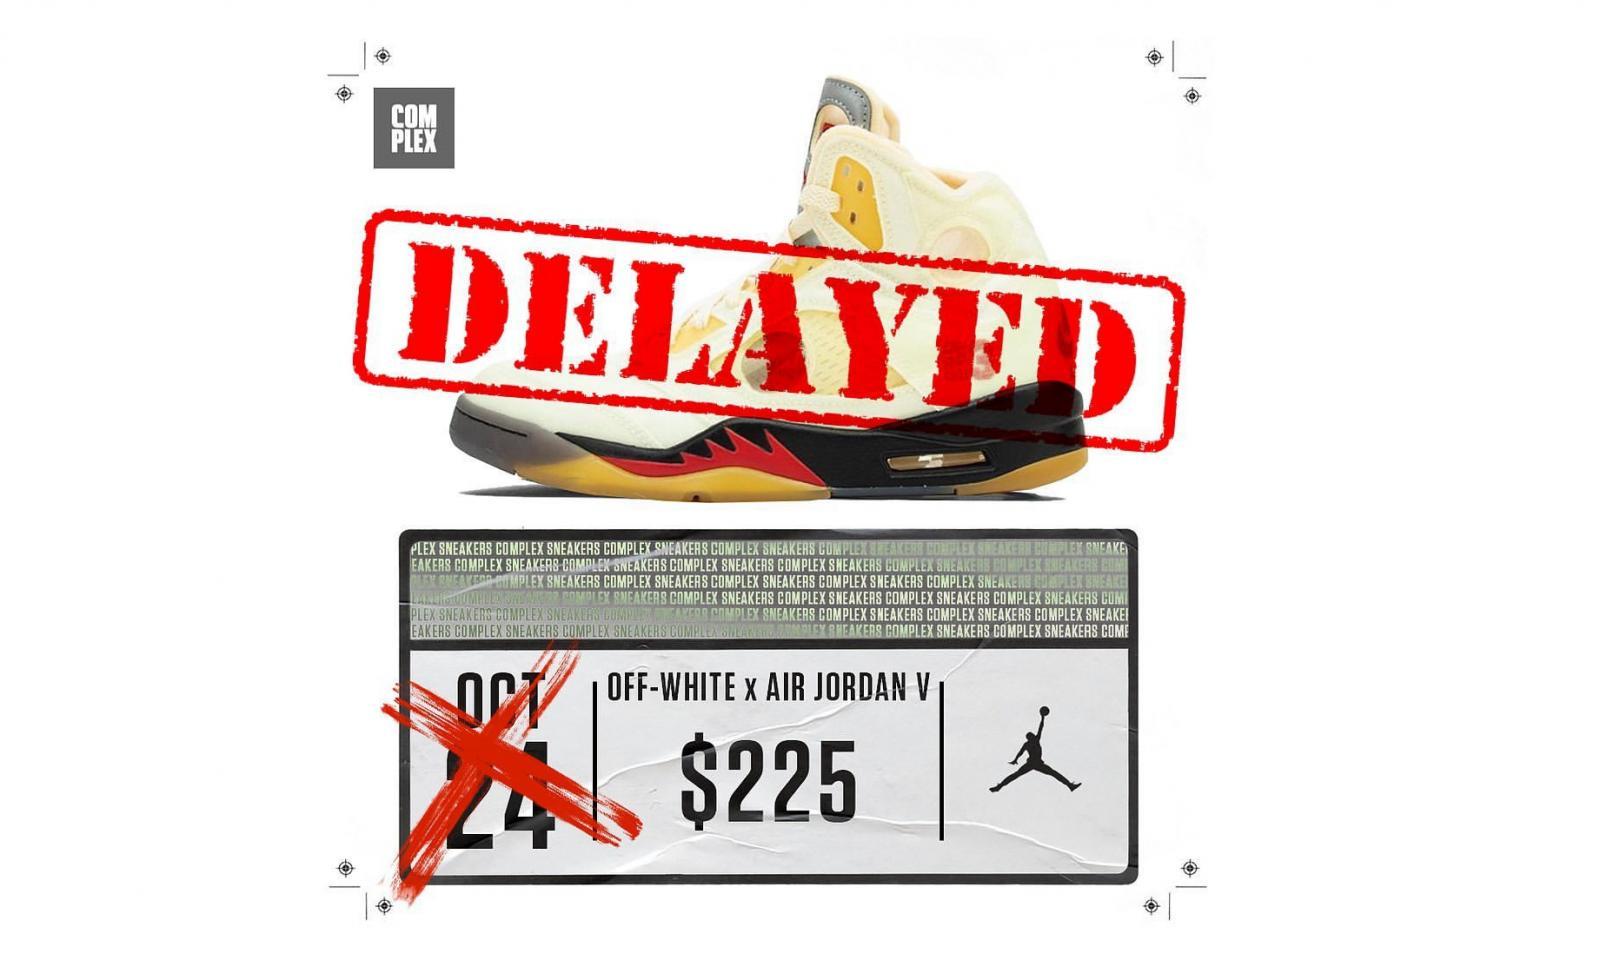 Off-White™ x Air Jordan V「Sail」发售延迟